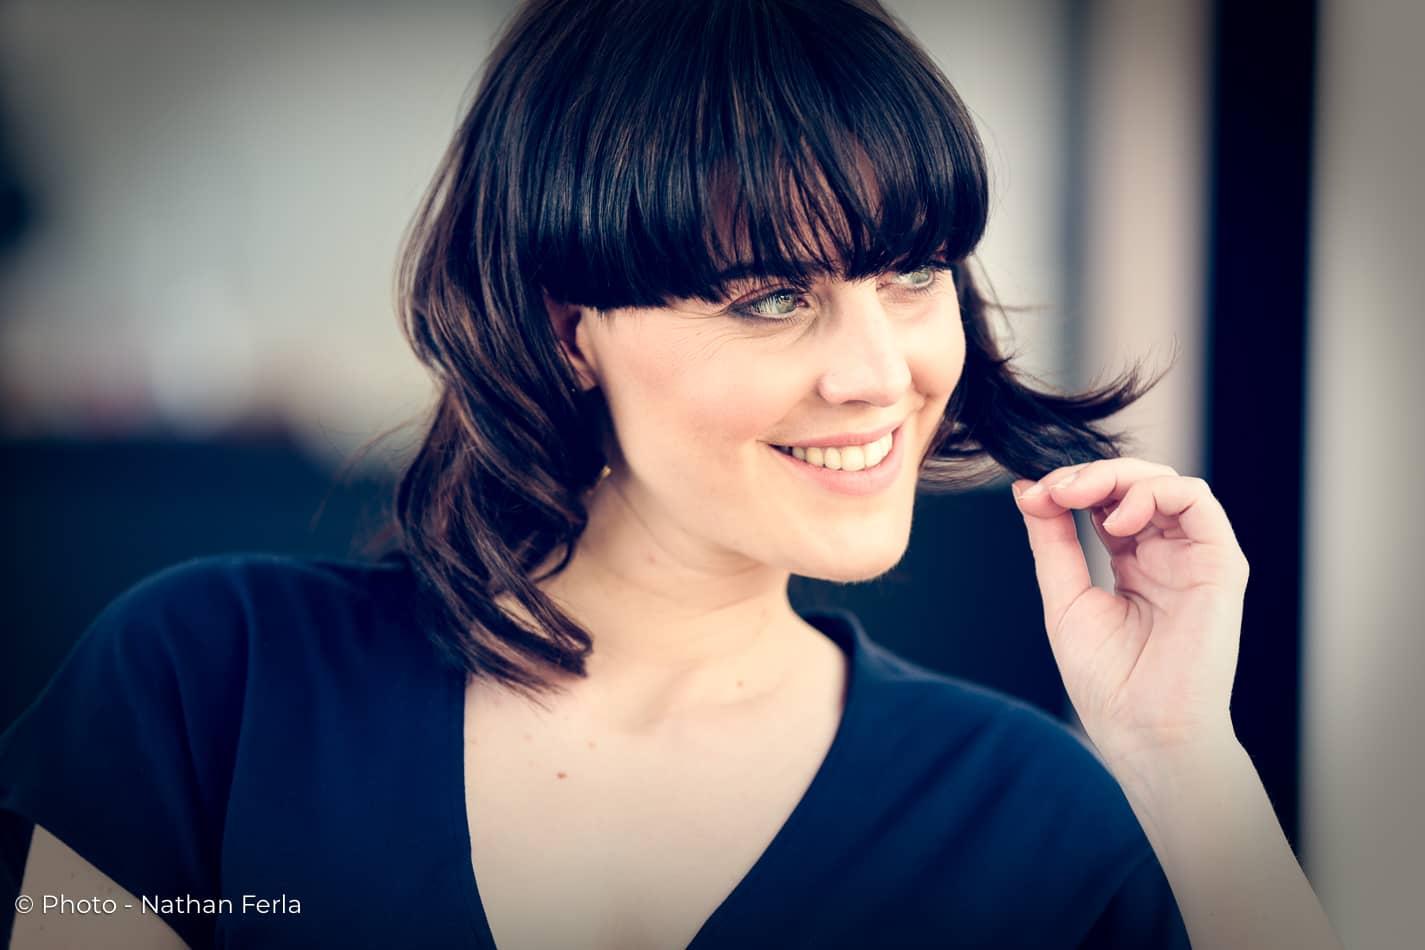 photo mode robe bleue portrait magazine sourire main cheveux